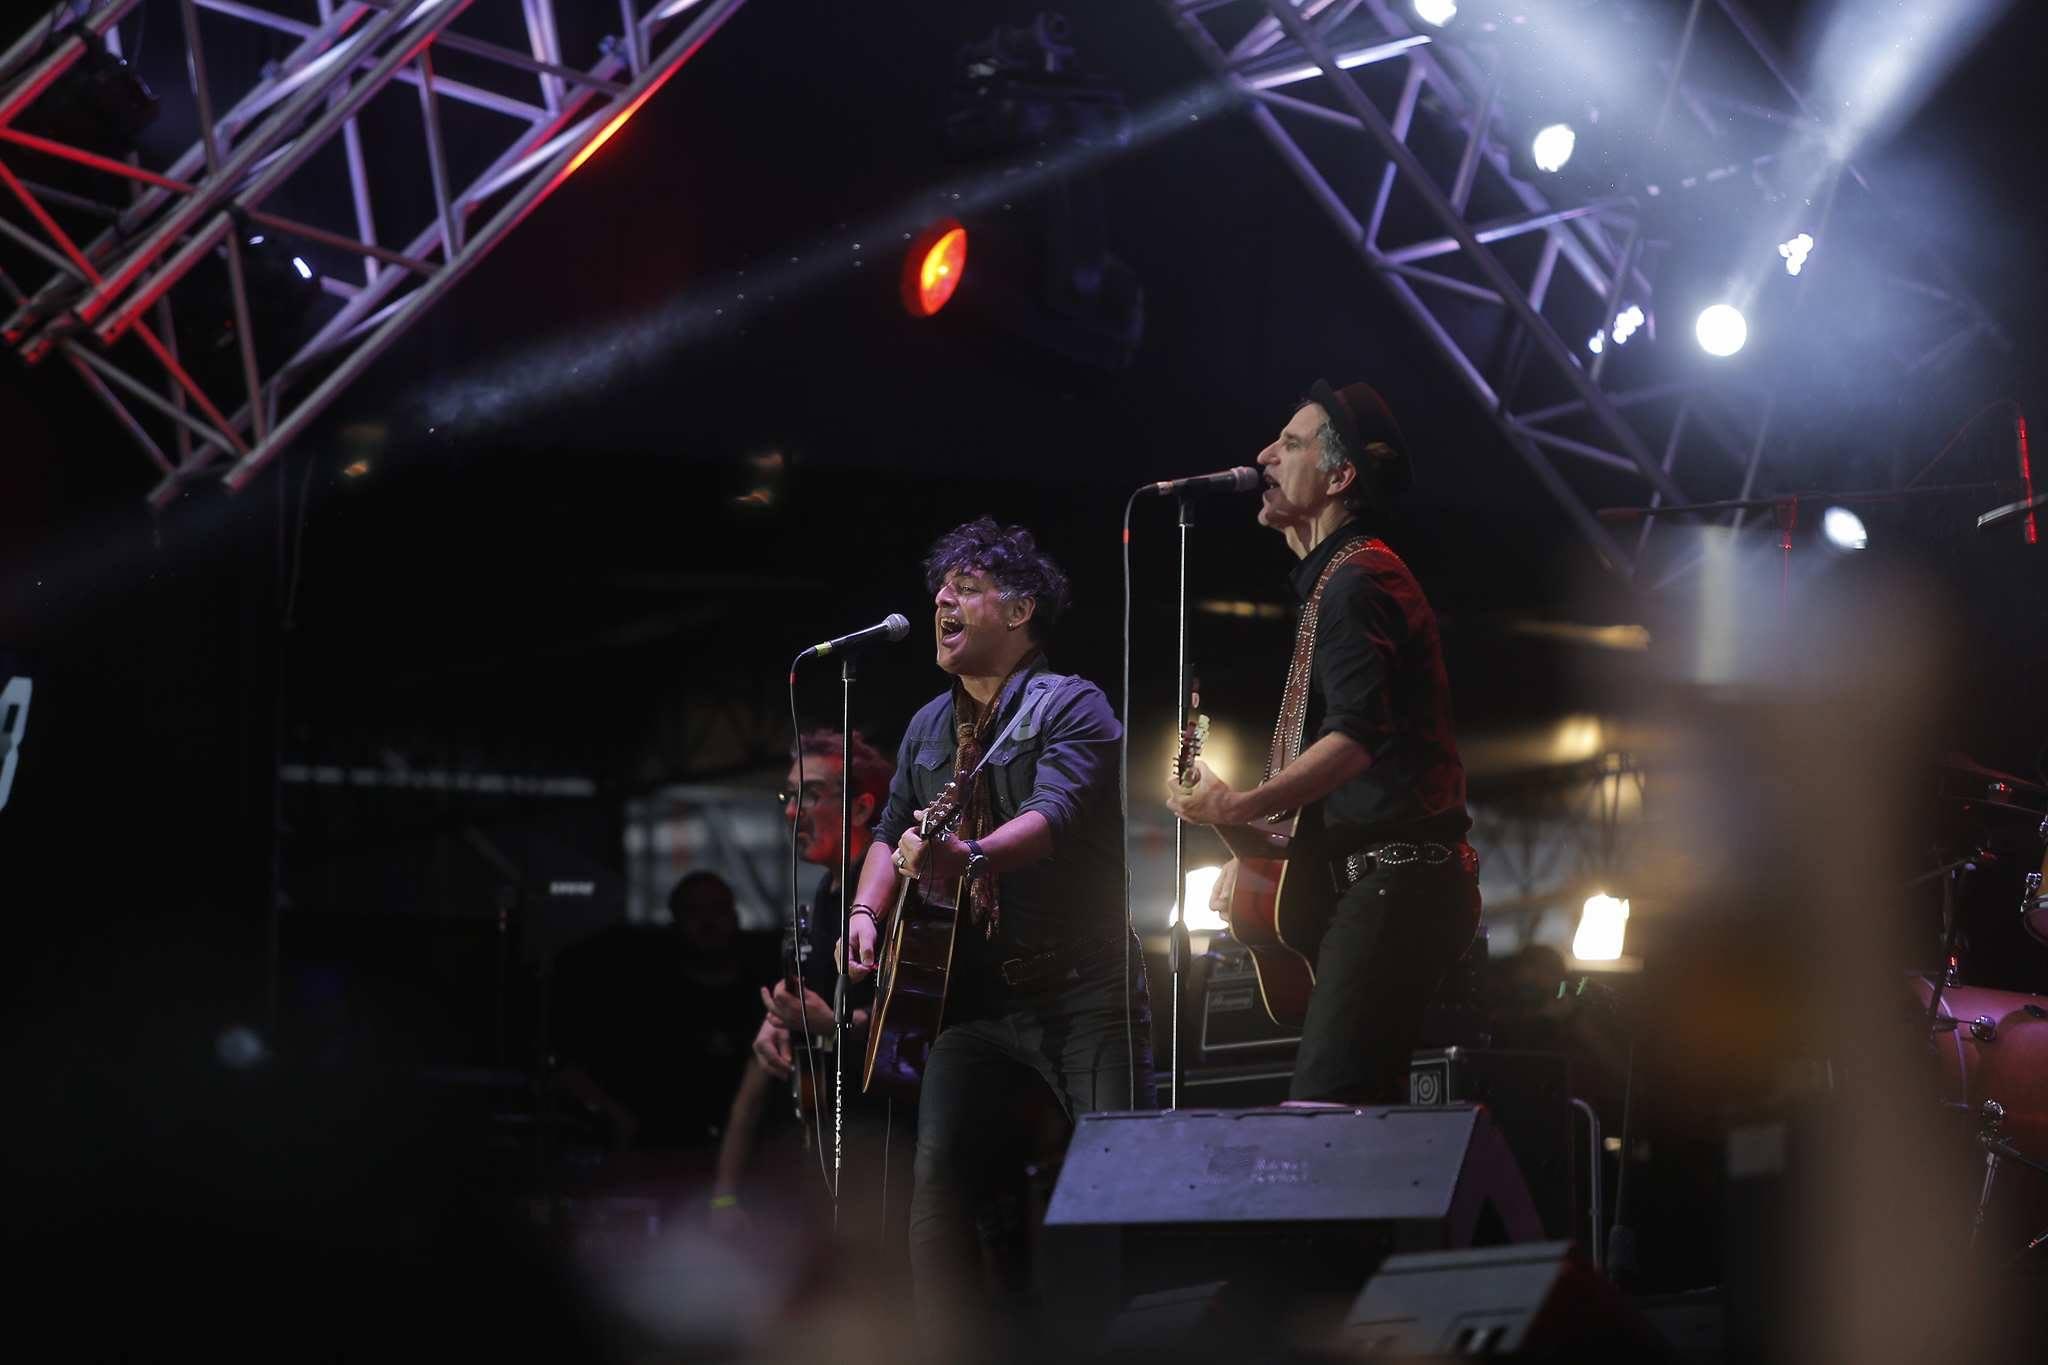 Vivo X el Rock 9: Las mejores fotos del festival musical